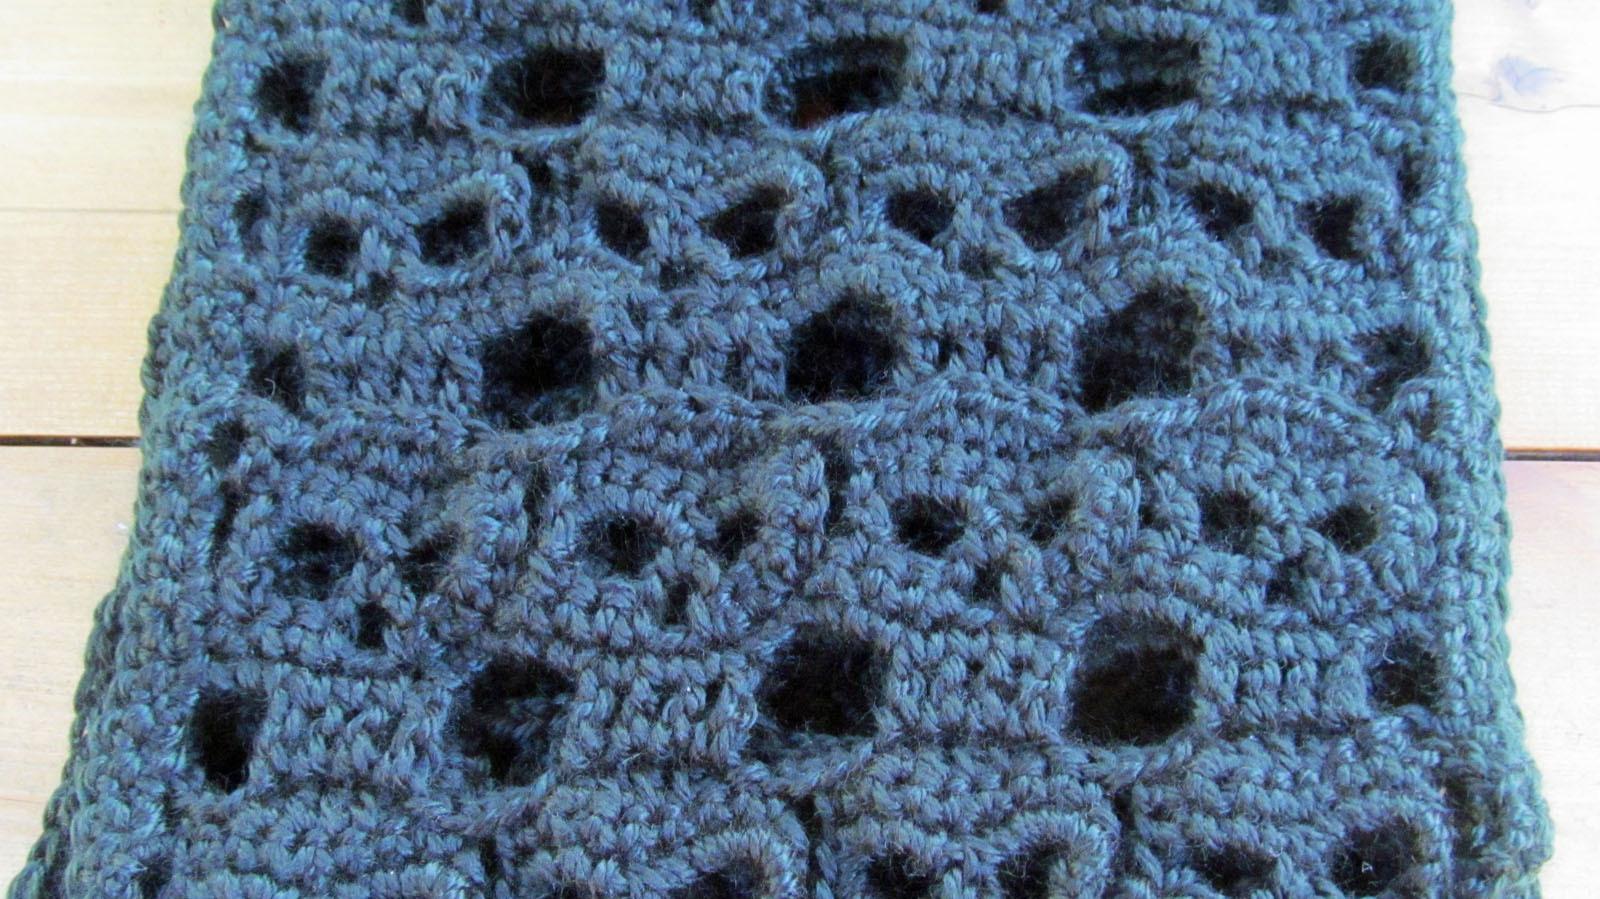 Crochet Scarf, Black Repeating Skulls - Handmade